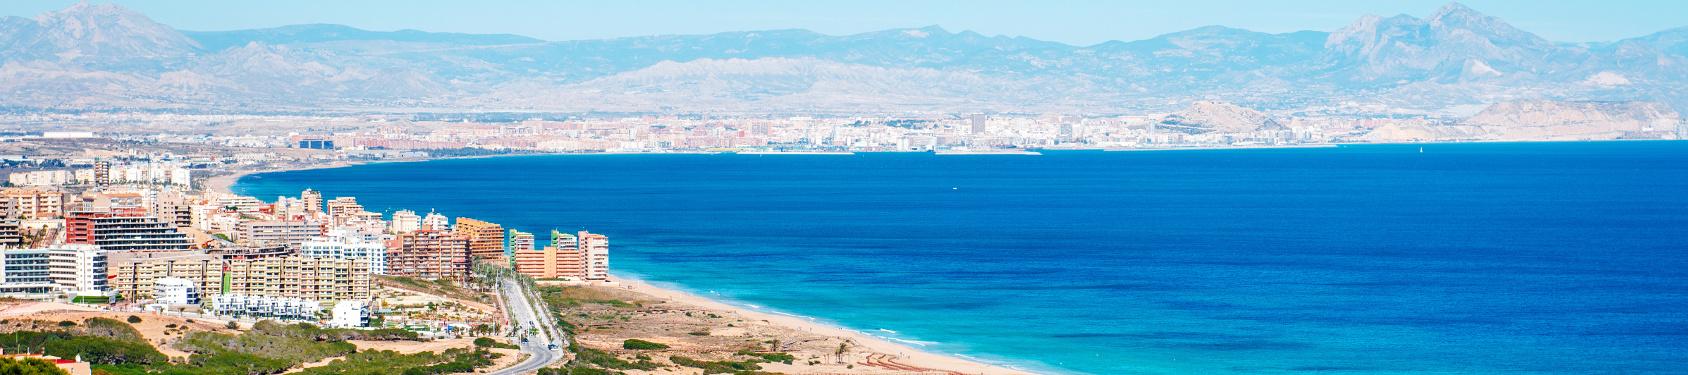 Bild von Alicante